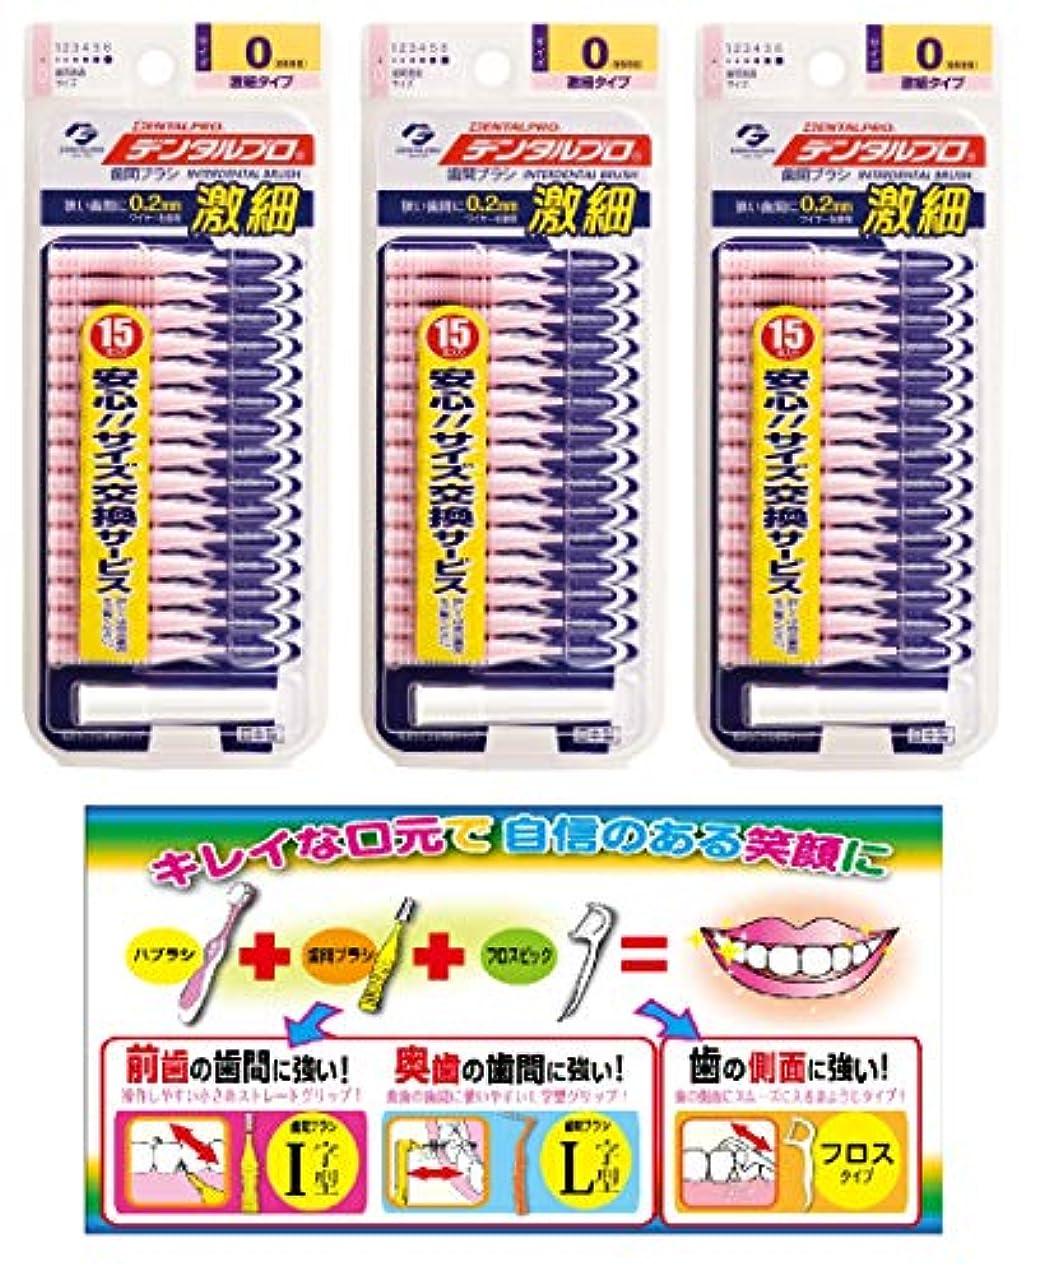 ハチマンハッタンアプト【Amazon.co.jp限定】DP激細歯間ブラシ15P 3P+リーフレット